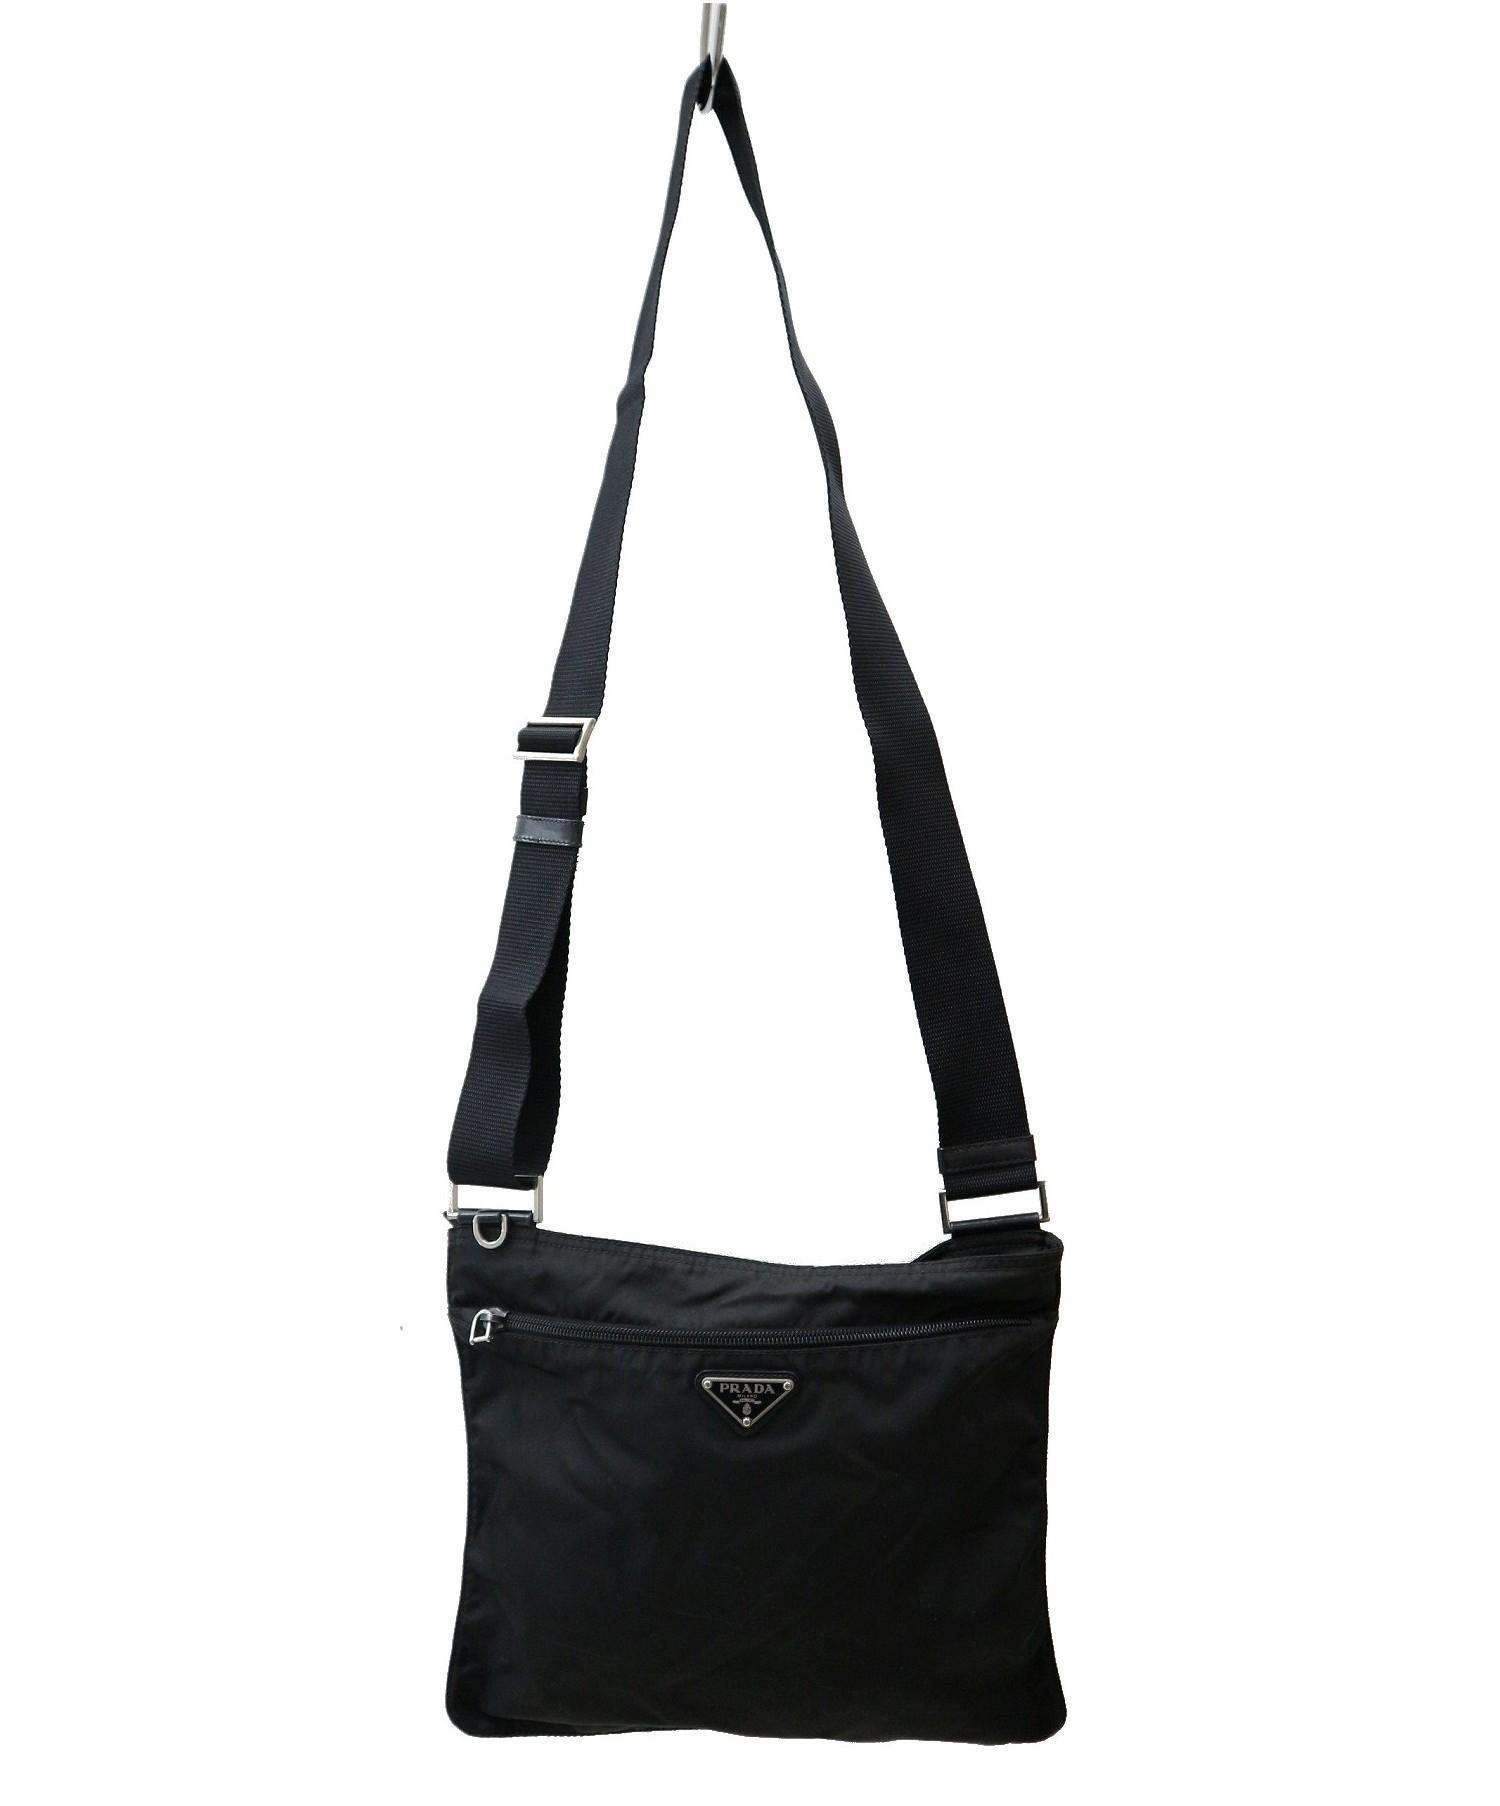 online store c114d af86c [中古]PRADA(プラダ)のレディース バッグ ショルダーバッグ